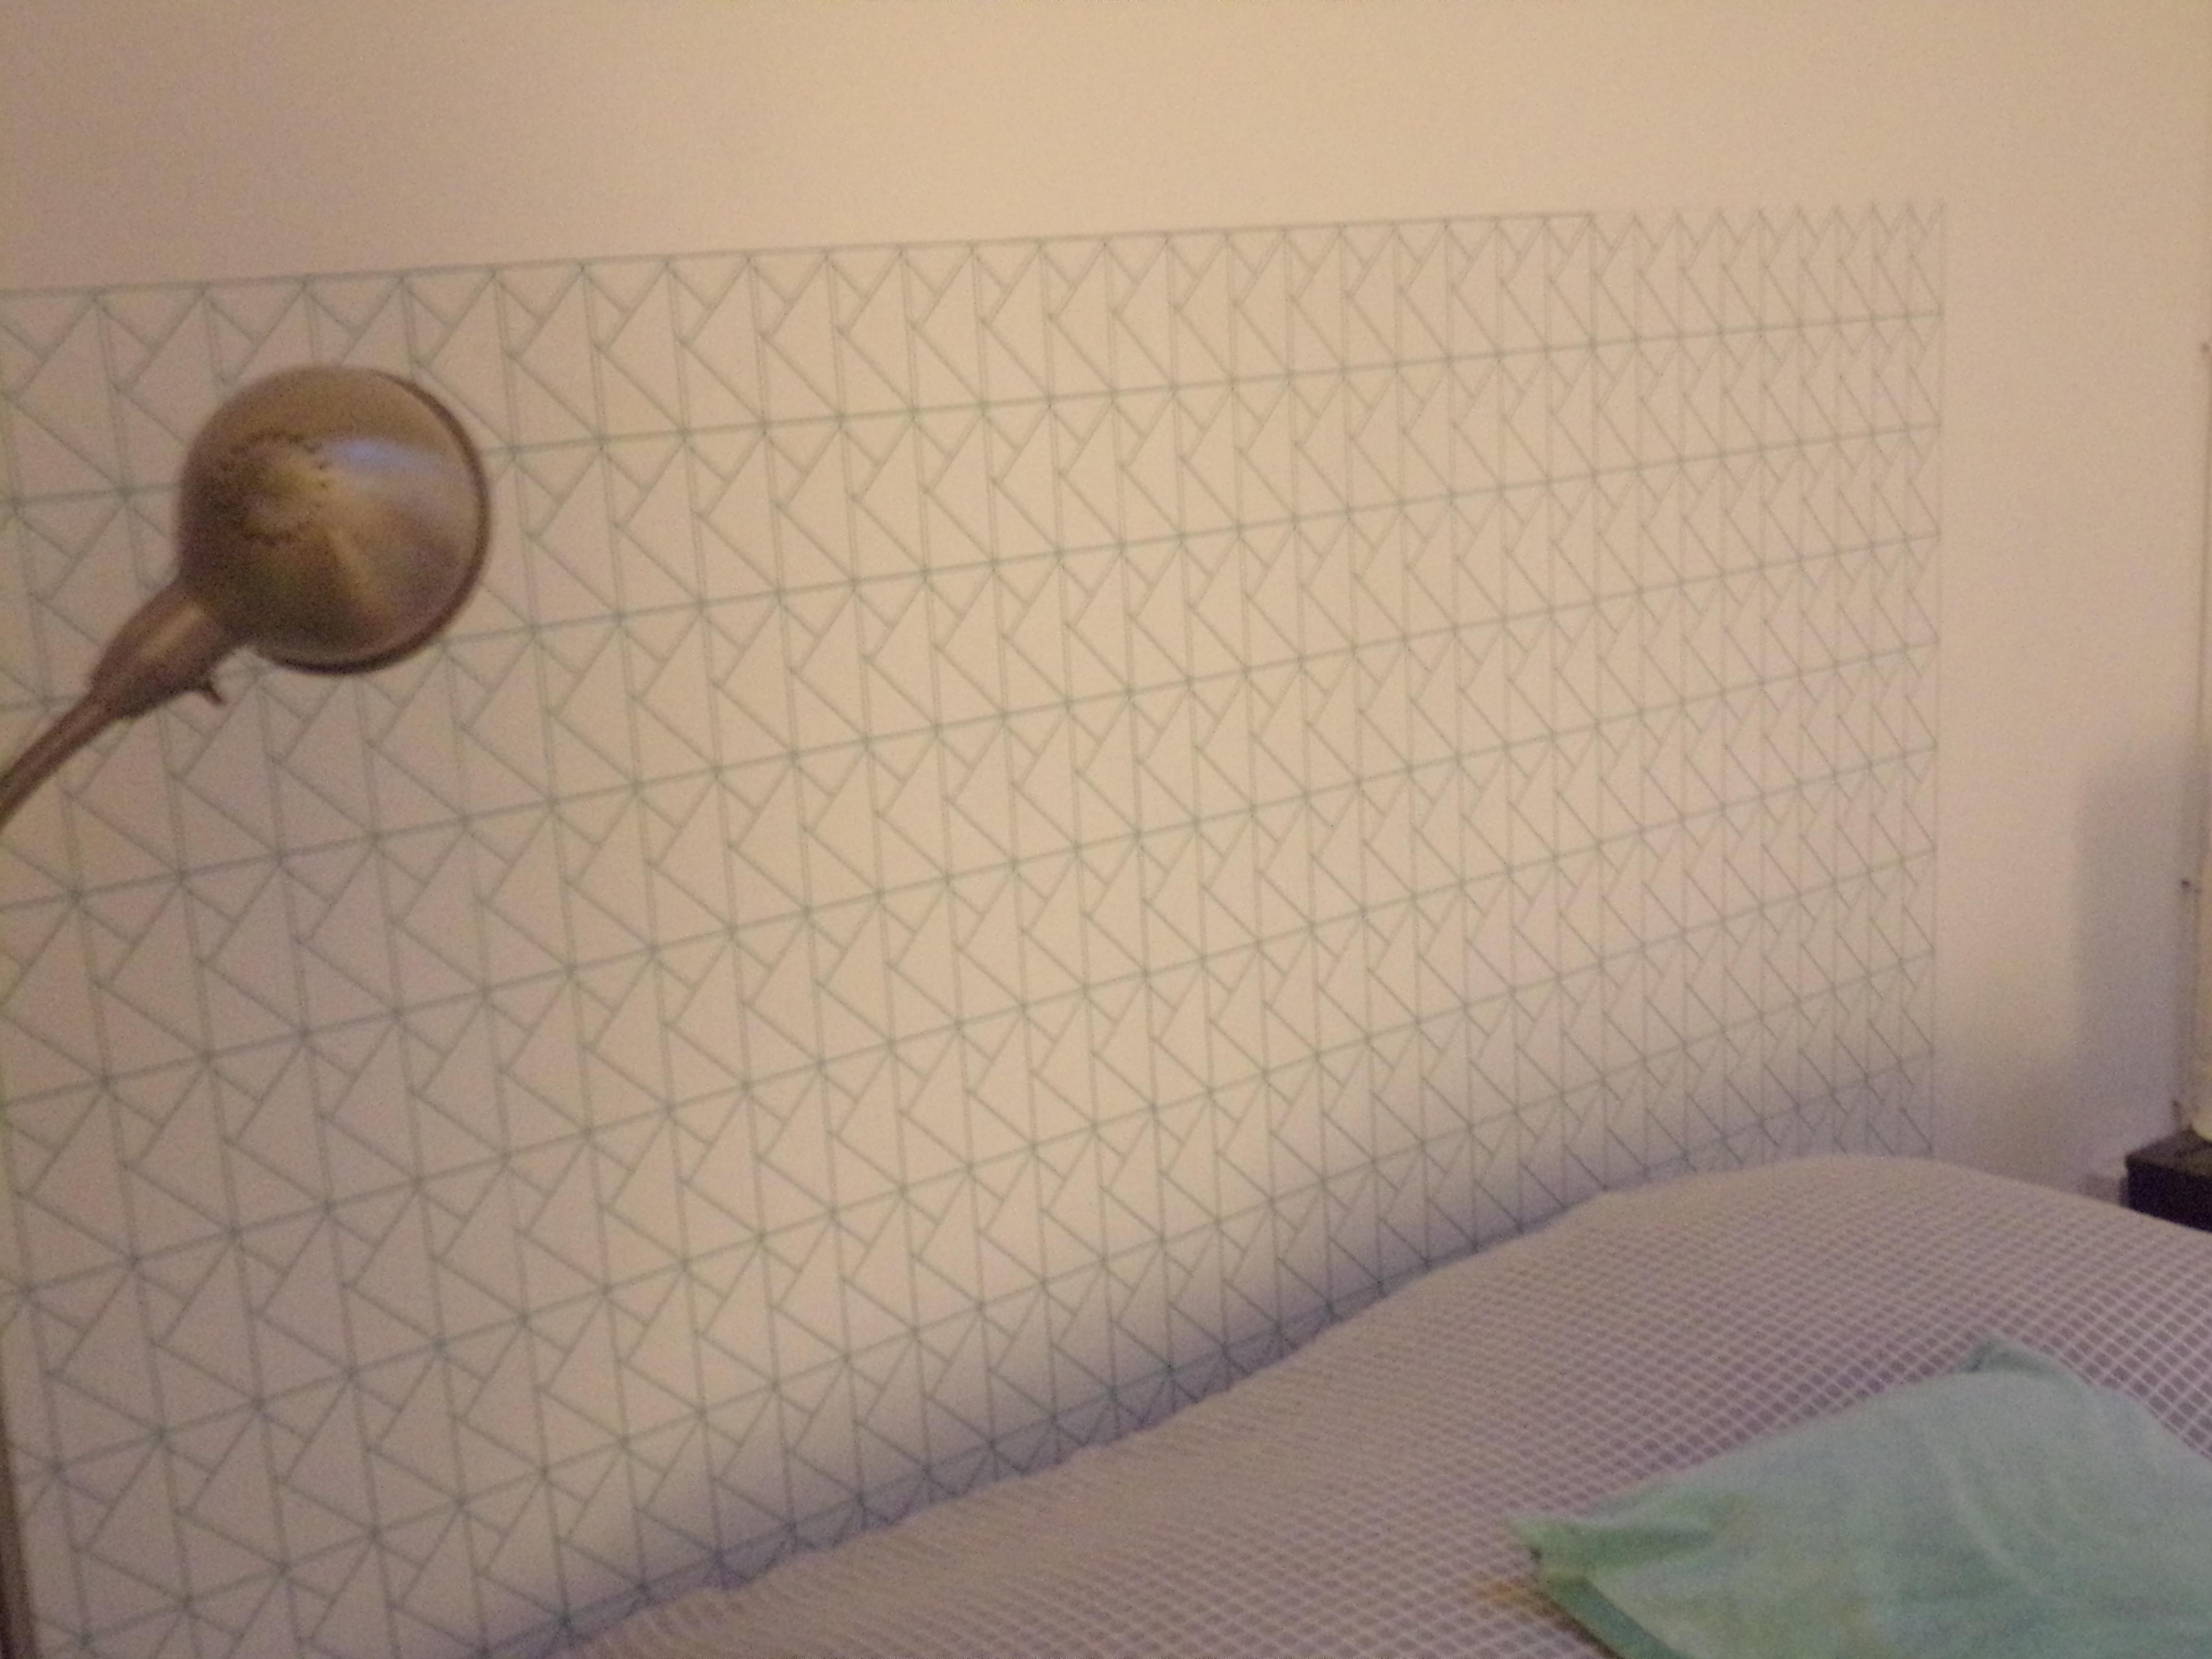 Papier Peint Pour Faire Tete De Lit ma tête de lit | cocon - déco & vie nomade